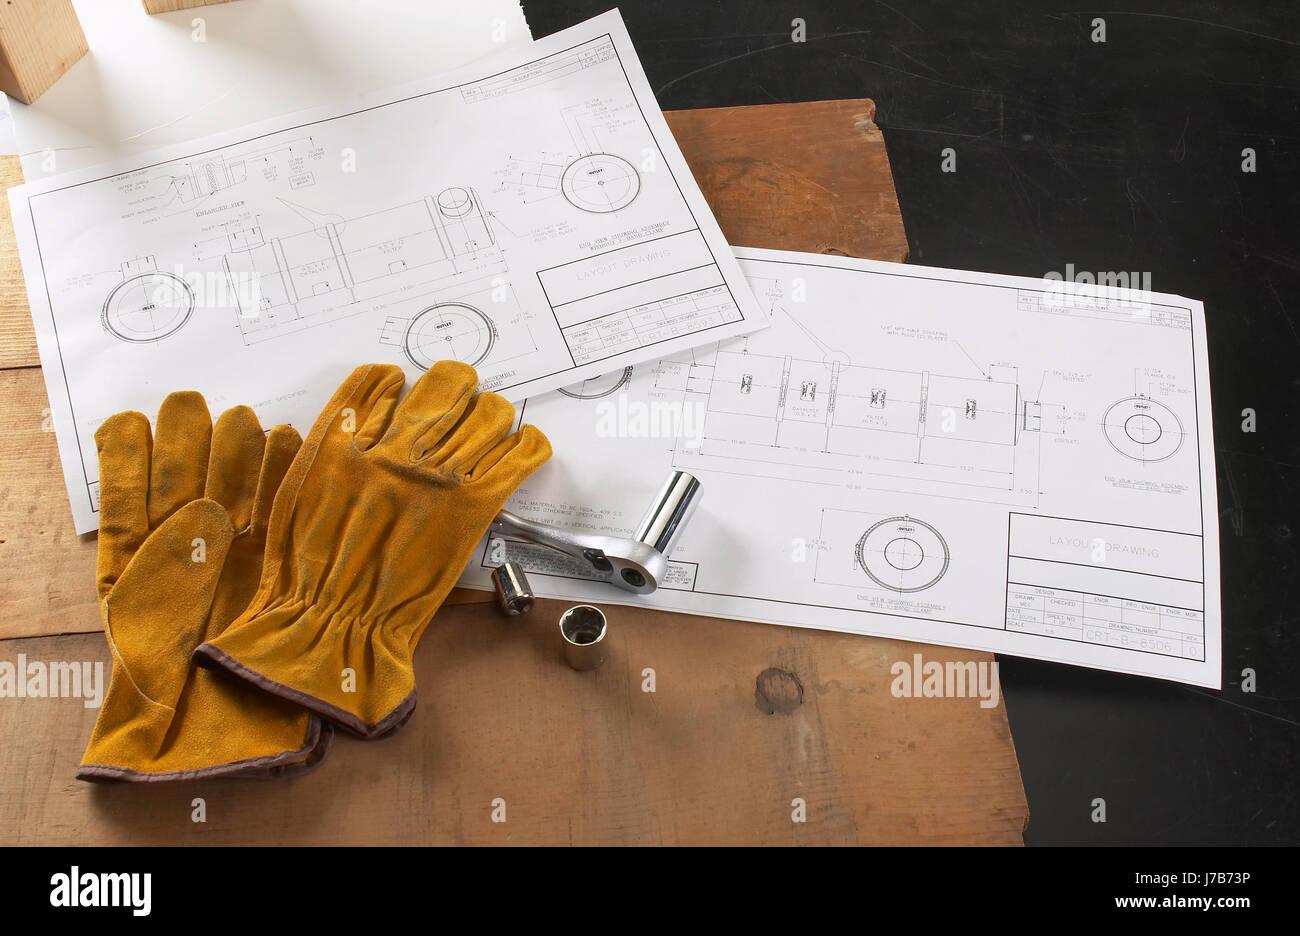 Construction Site Blueprints - Stock Image